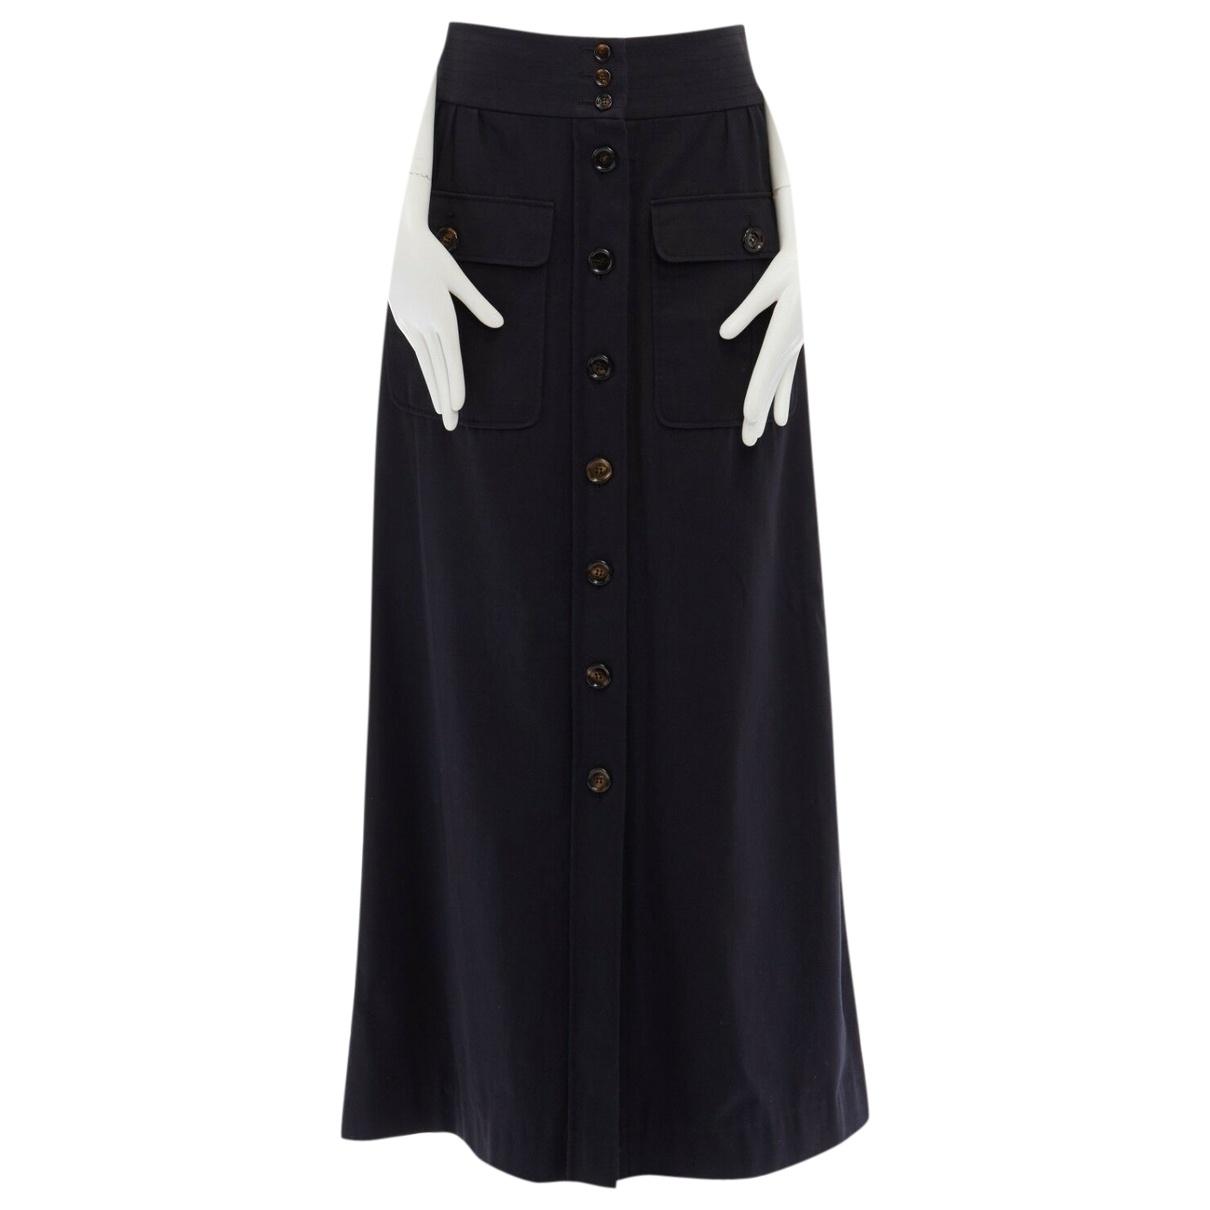 Chloé \N Black Cotton skirt for Women 36 FR